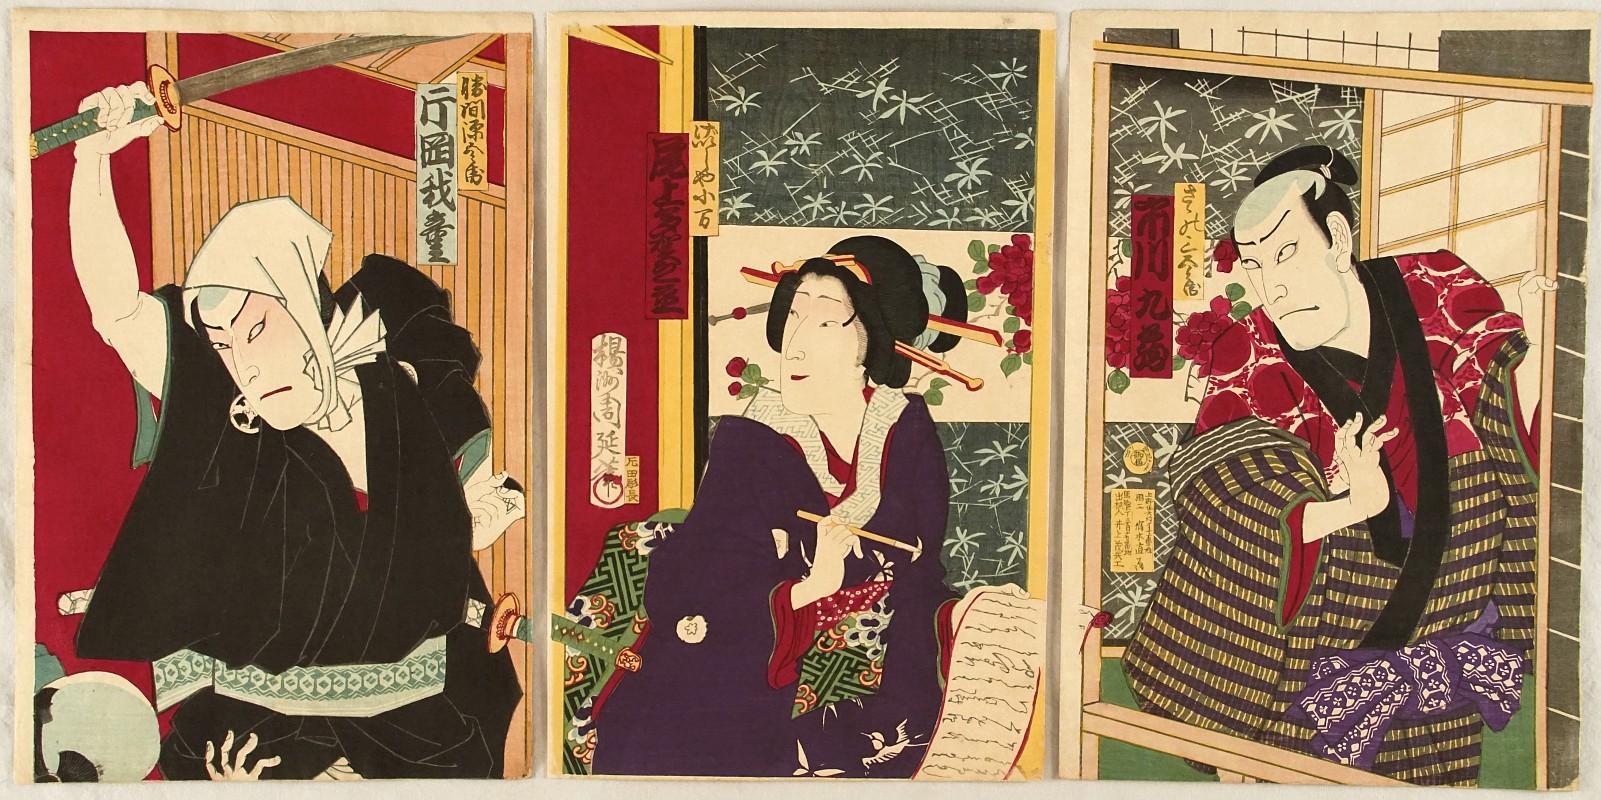 Chikanobu Toyohara 1838-1912